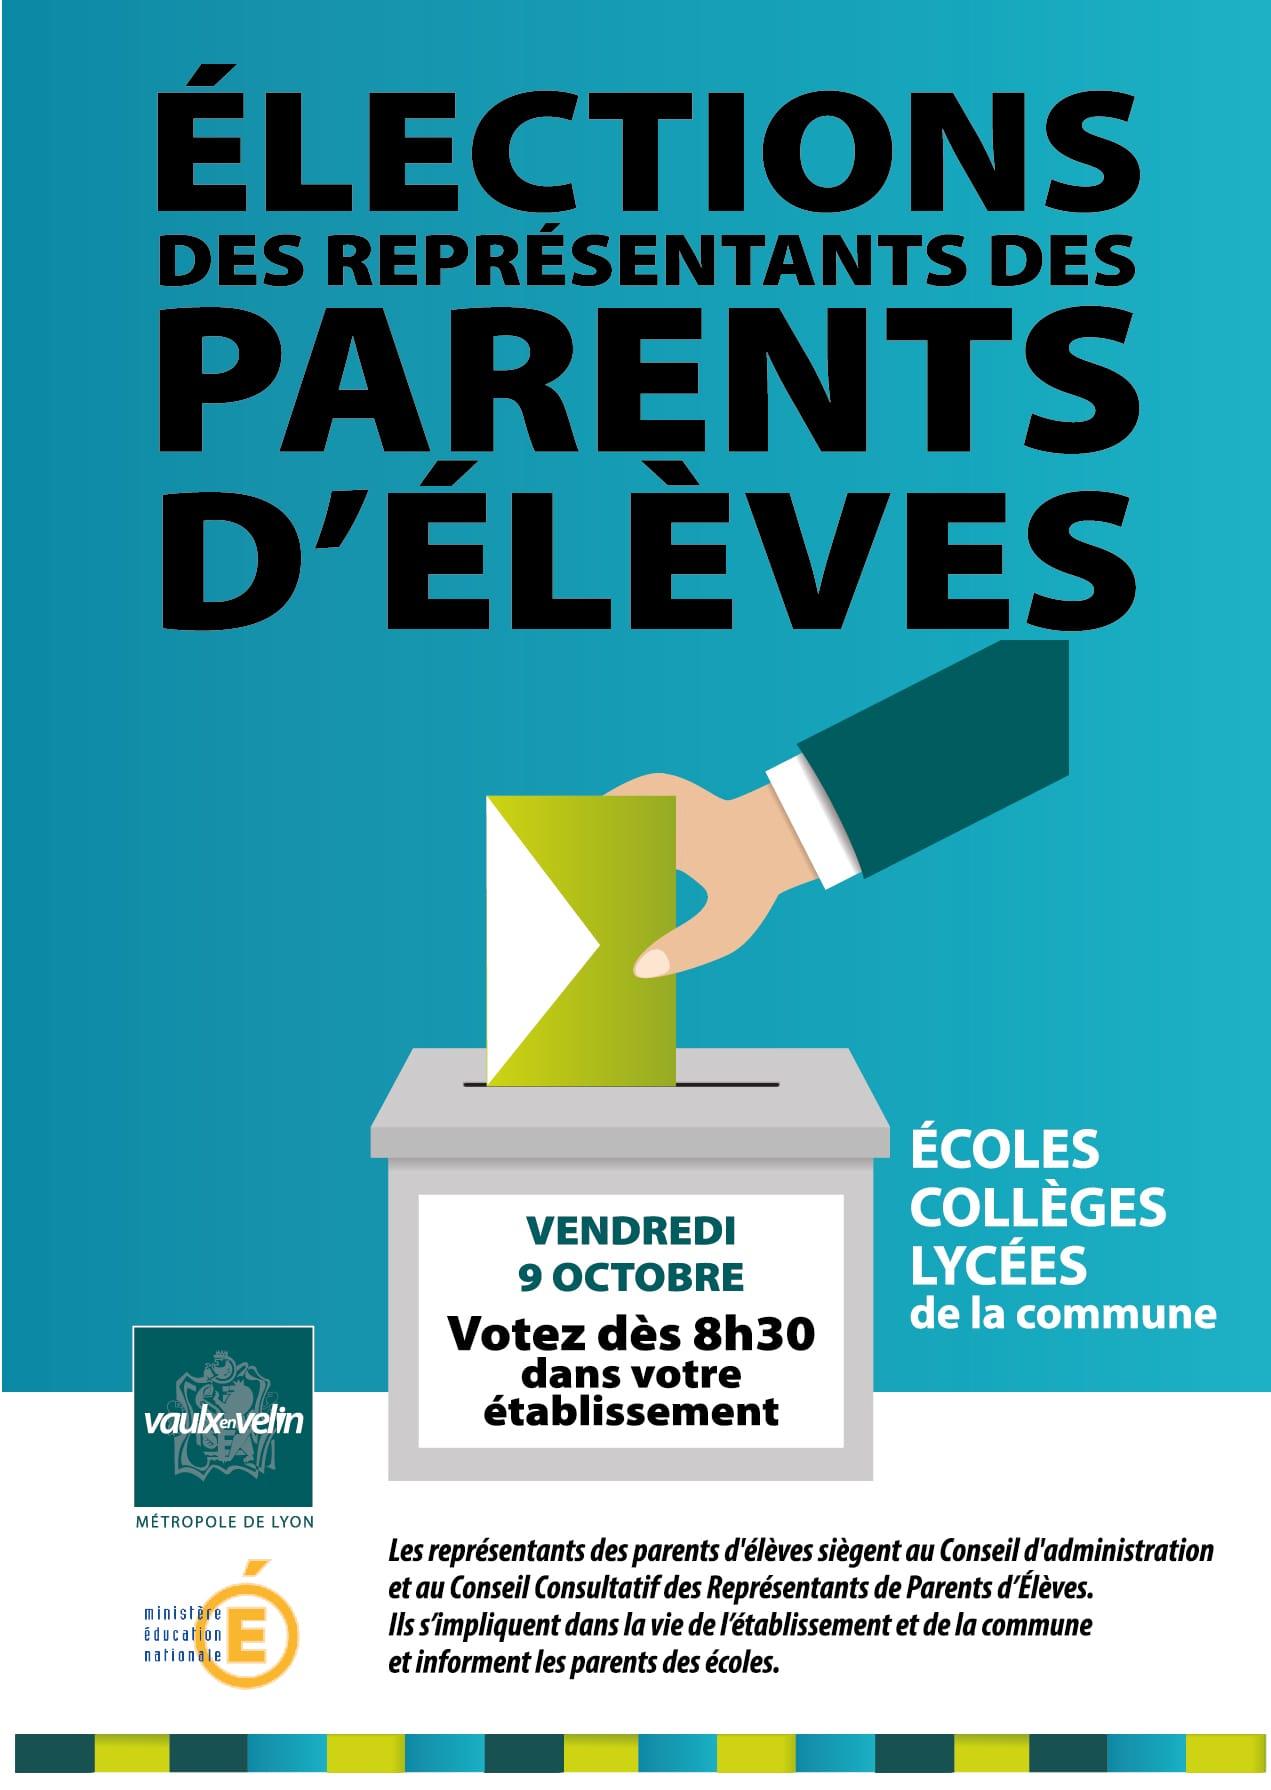 affiche 2020 pour les élections des représentants de parents d'élèves